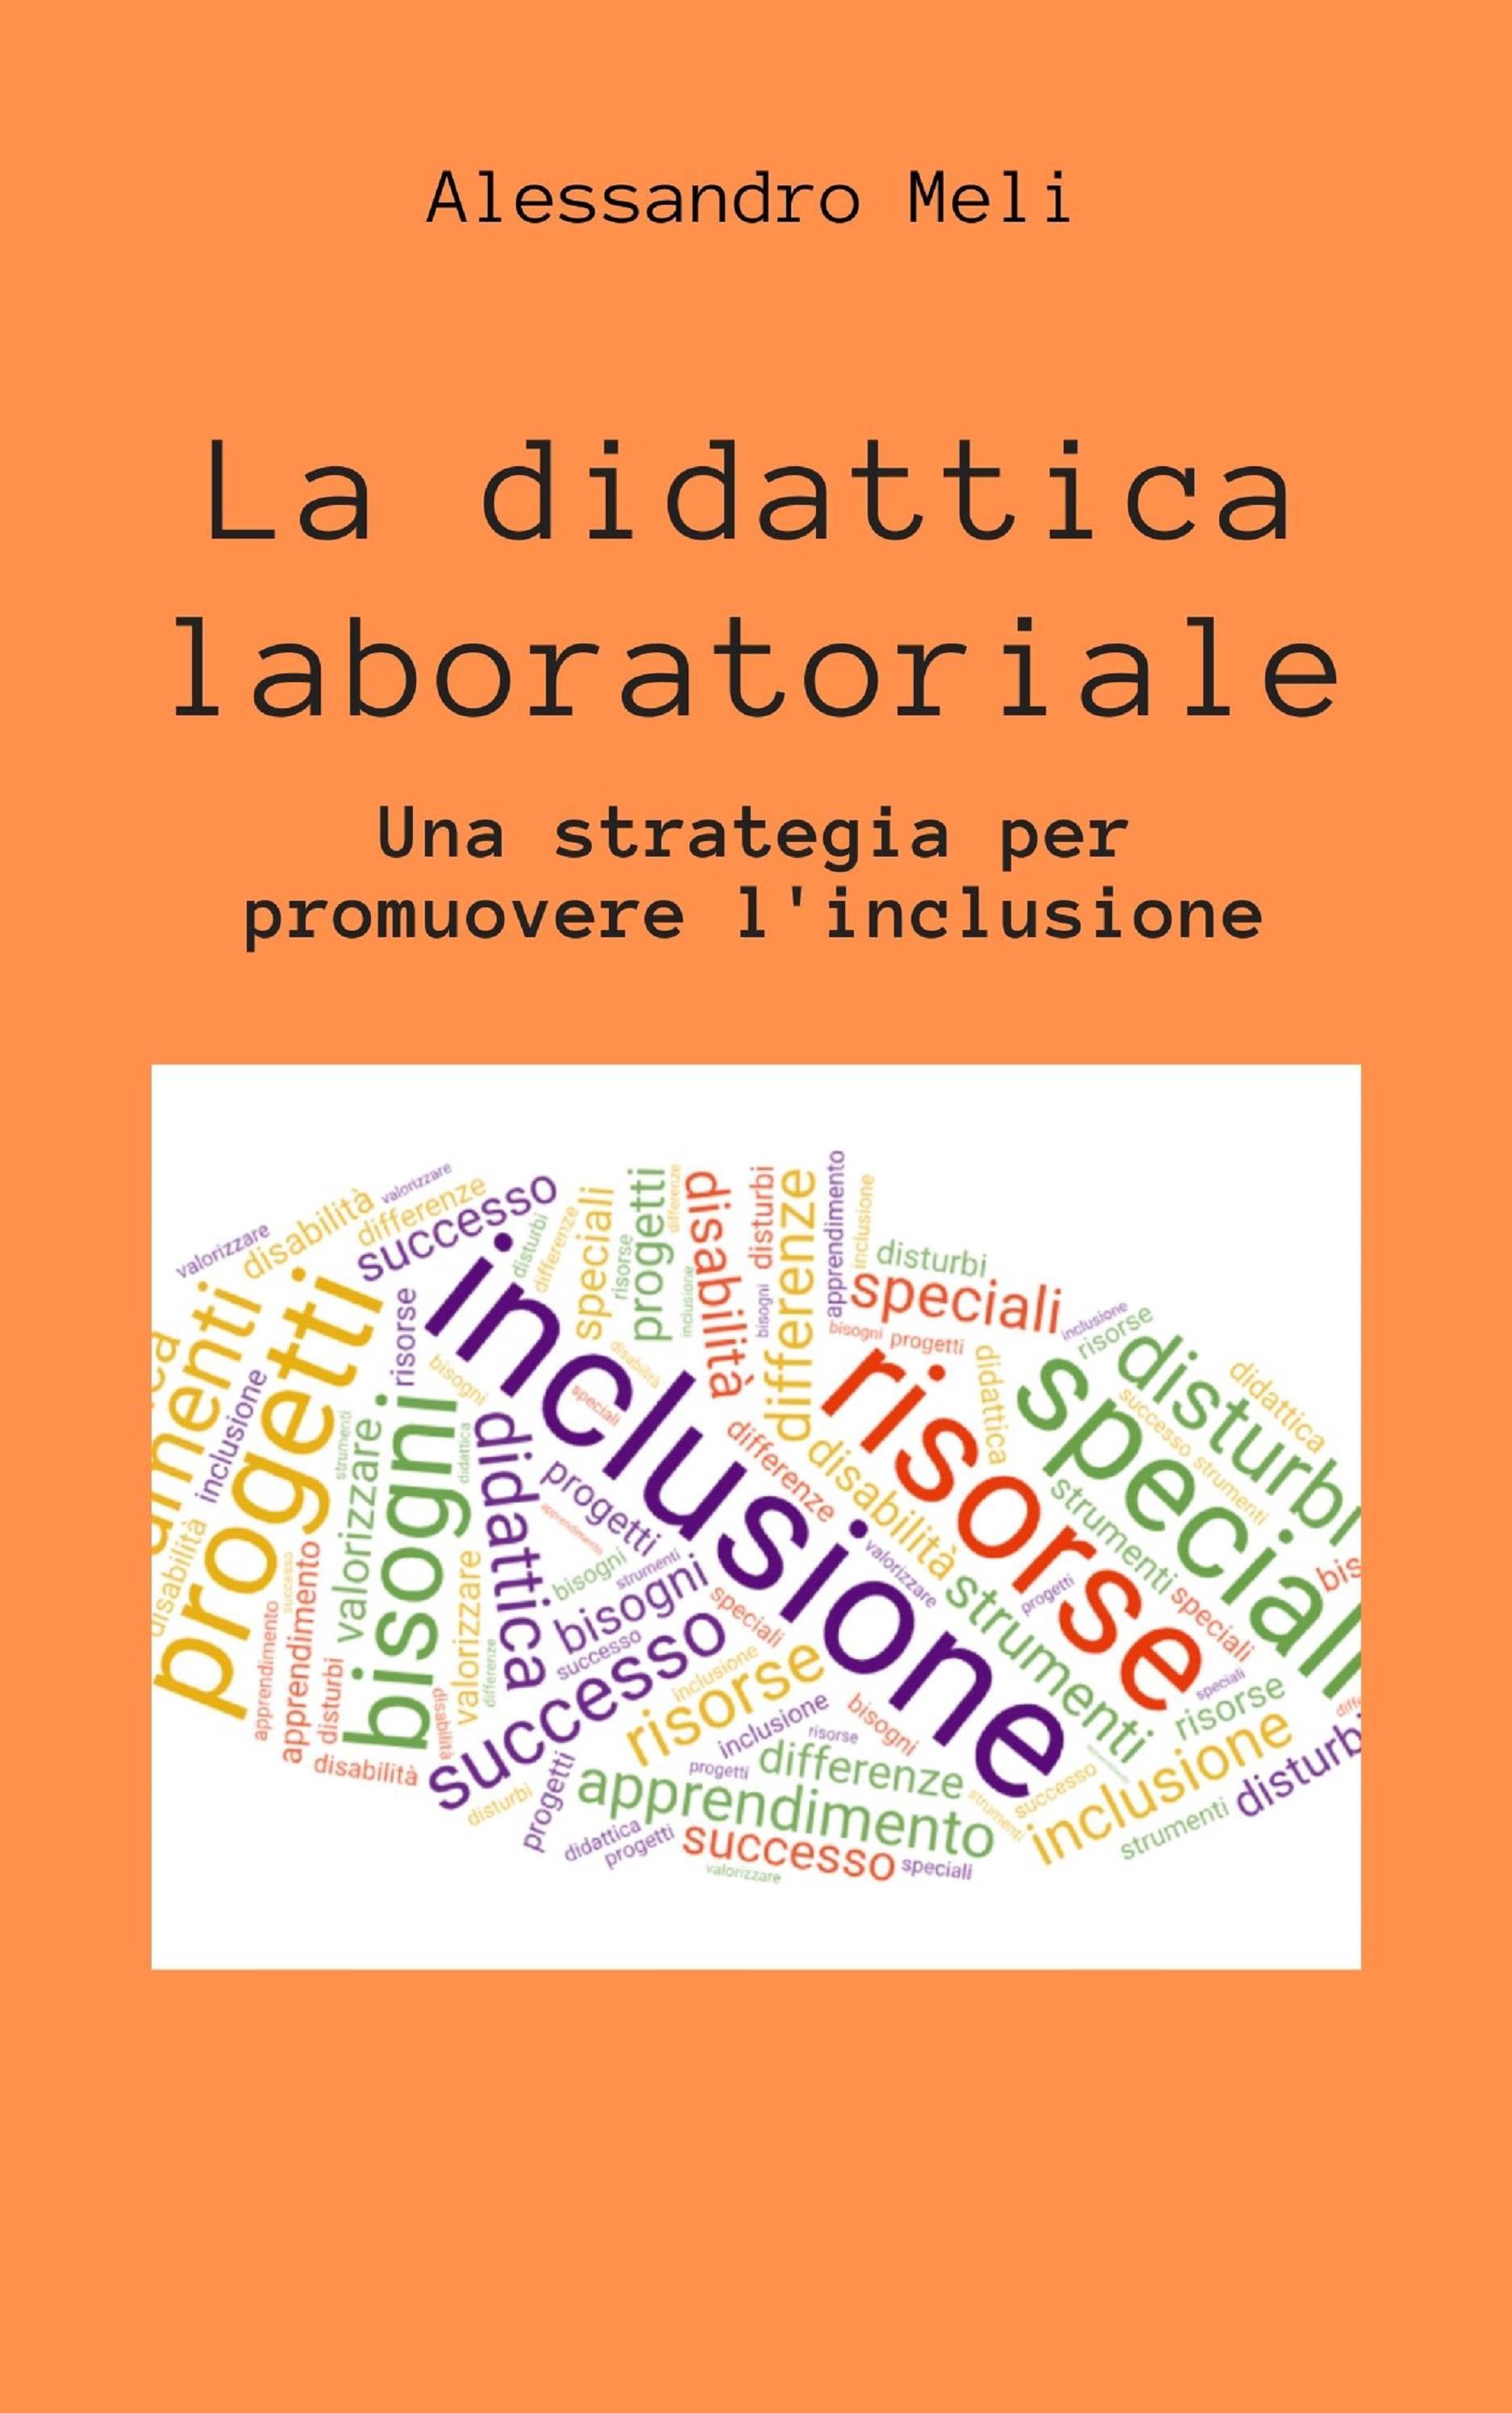 La didattica laboratoriale. Una strategia per promuover l'inclusione scolastica